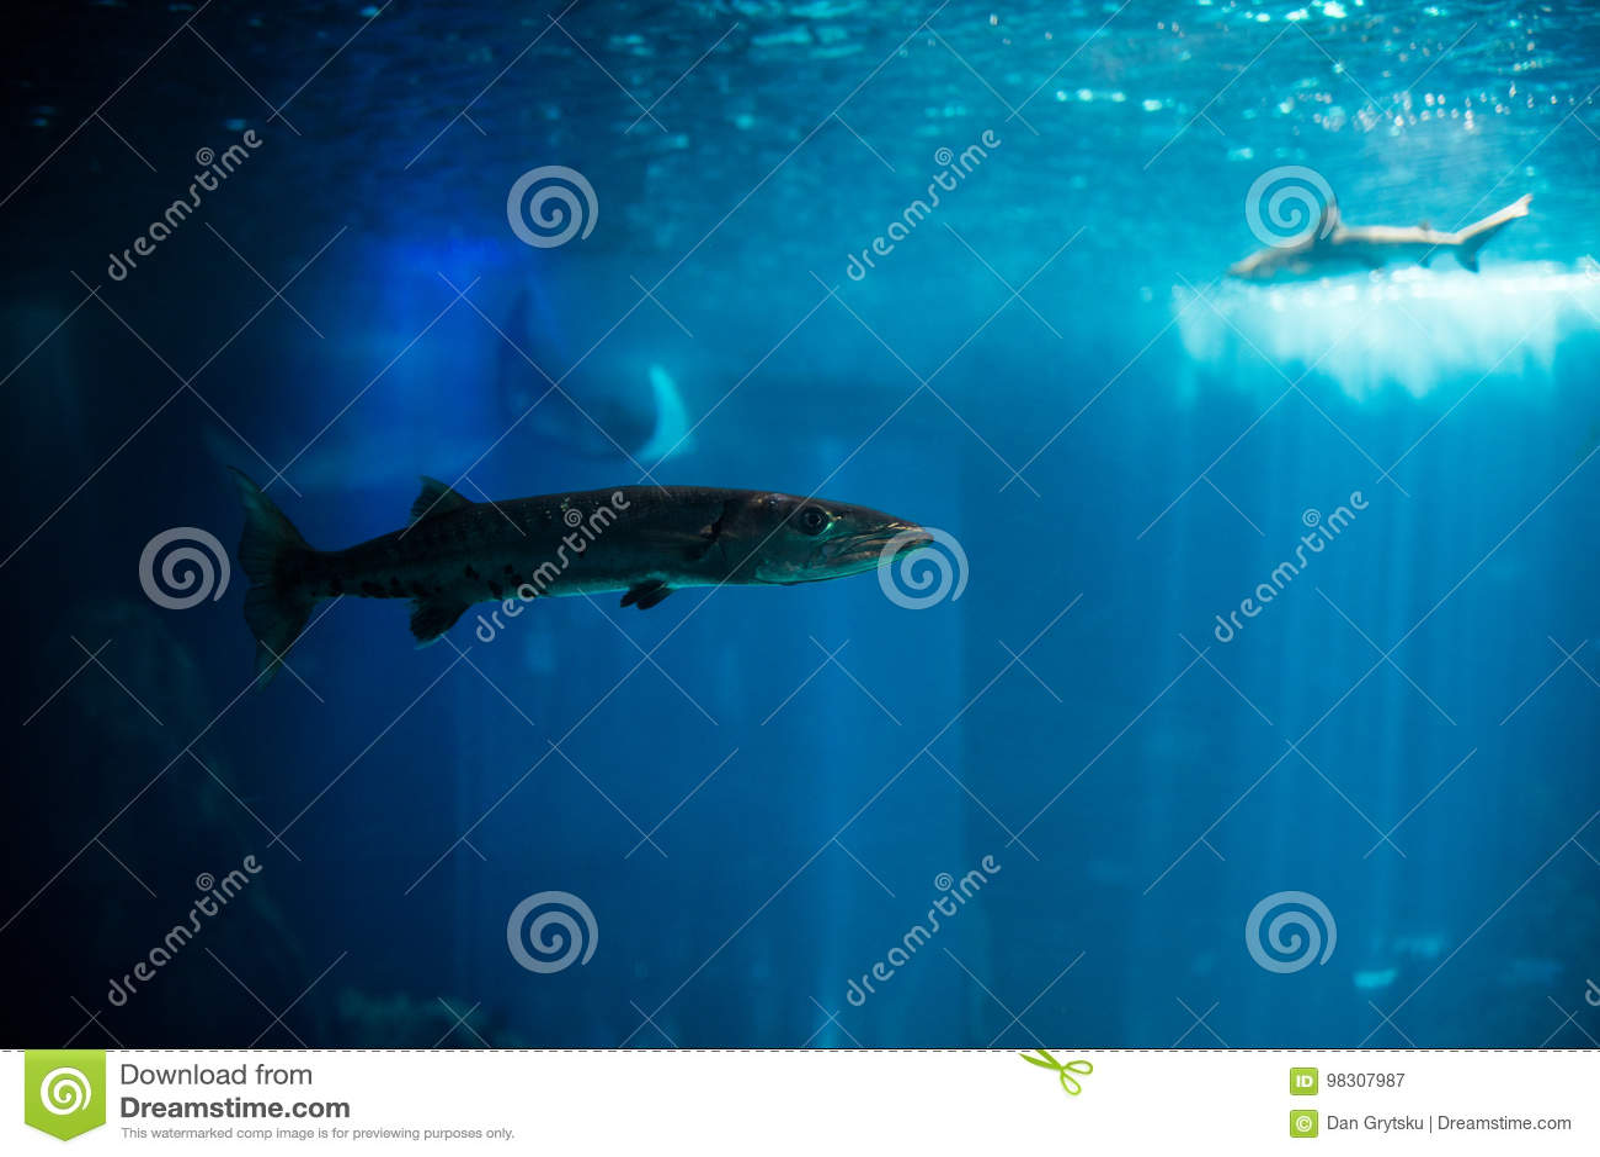 Ocean big fish in a large aquarium tank. Lisbon aquarium.